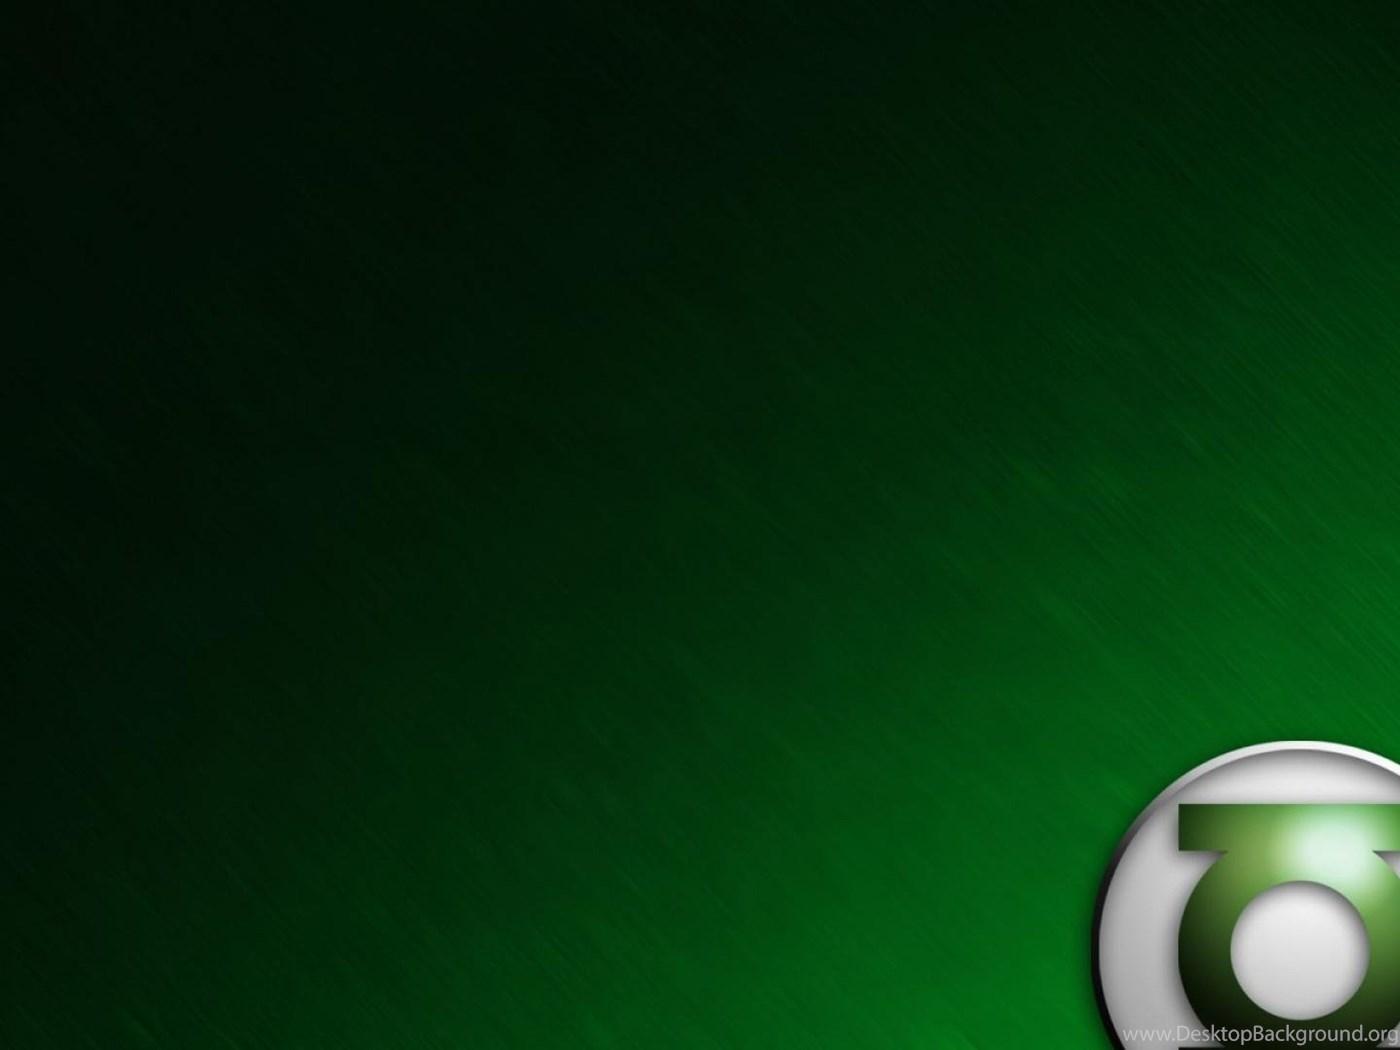 Green Lantern Logos Anime Hd Wallpapers Desktop Background